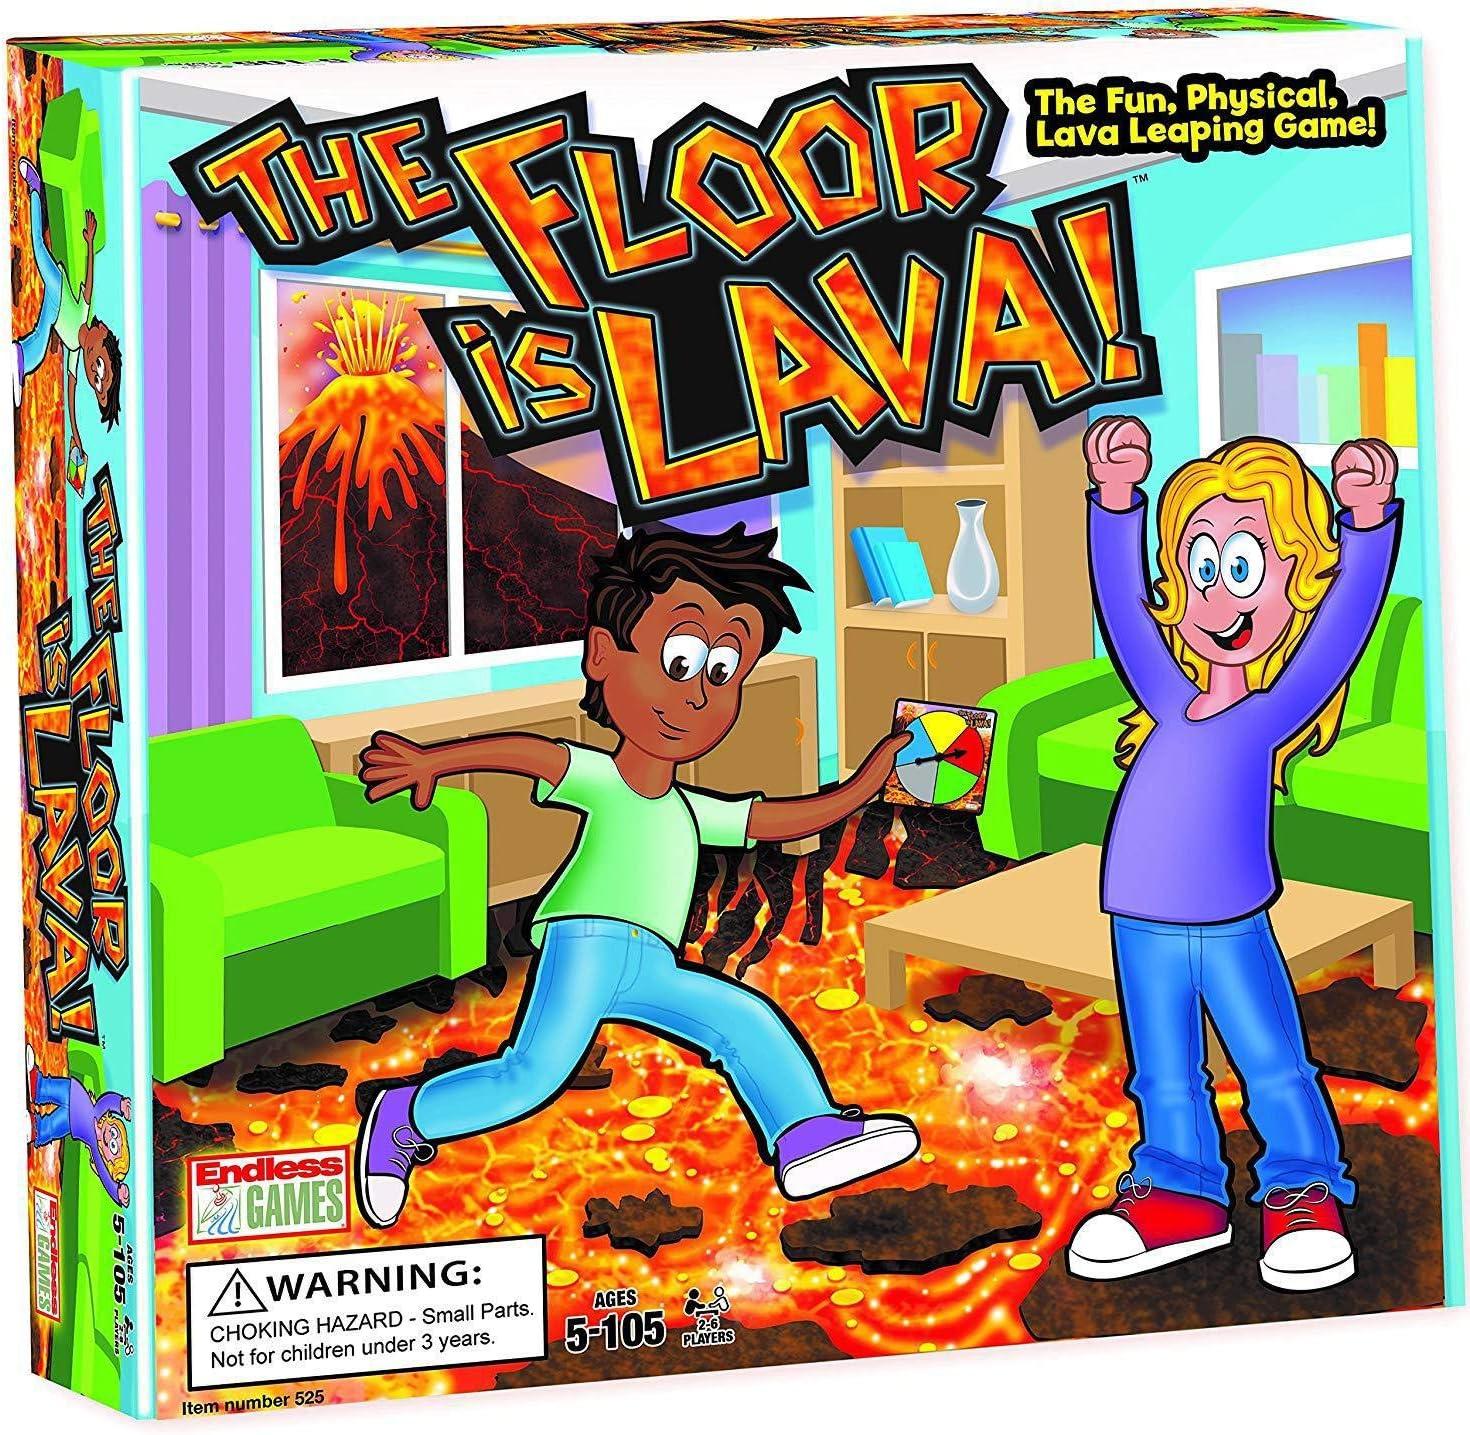 El suelo es la lava! Juego de mesa interactivo para niños y adultos (mayores de 5 años) Fiesta divertida, cumpleaños y juego familiar | Promueve la actividad física | Caja fuerte interior